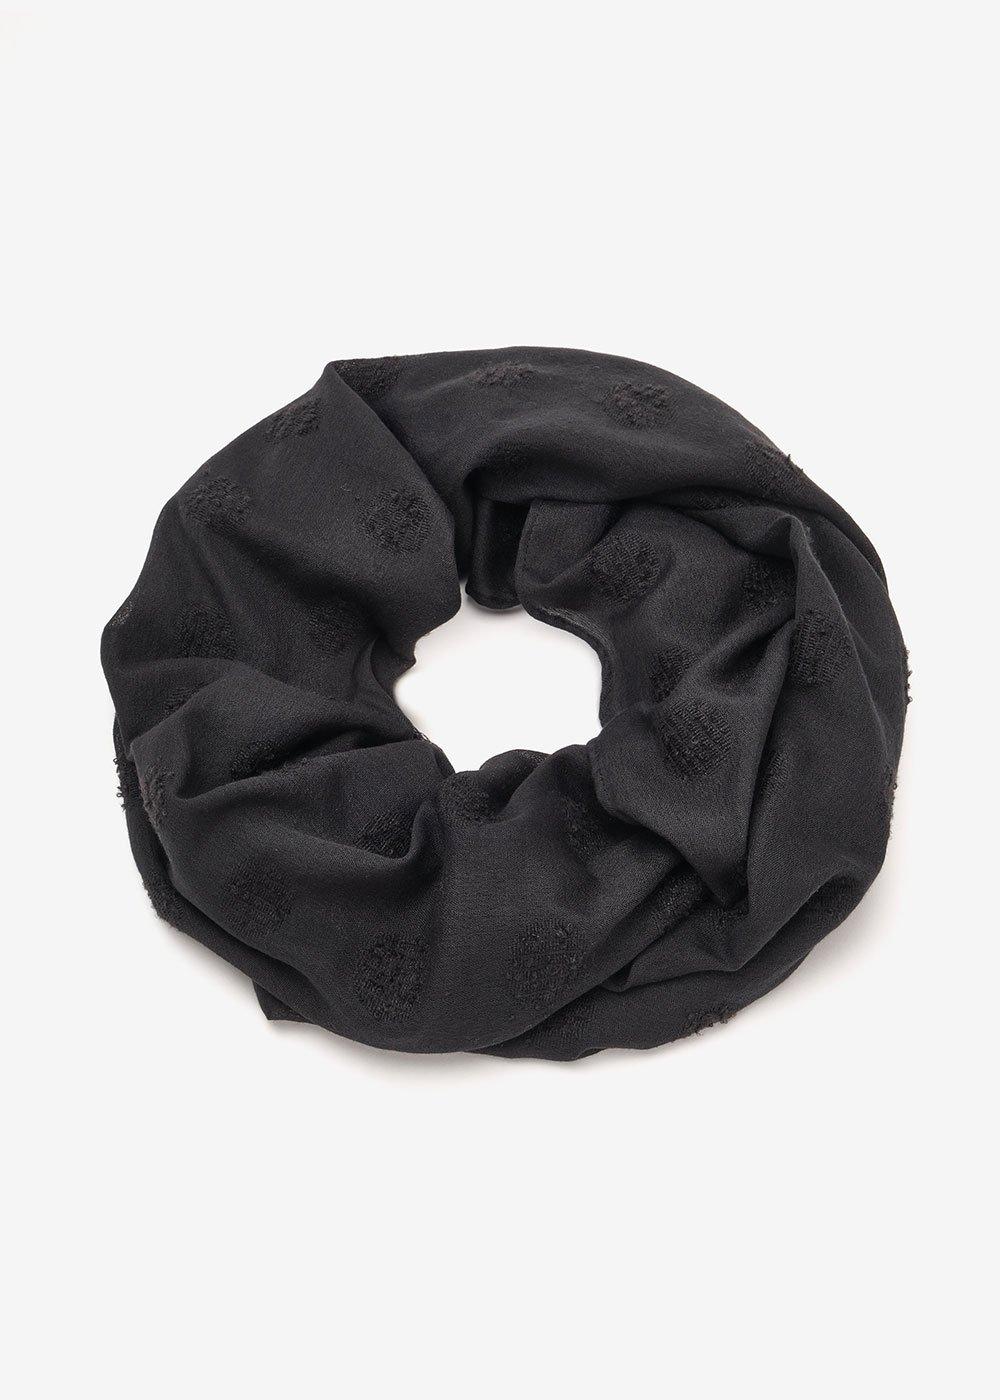 Sciarpa Shanon con ricamo in tono - Black - Donna